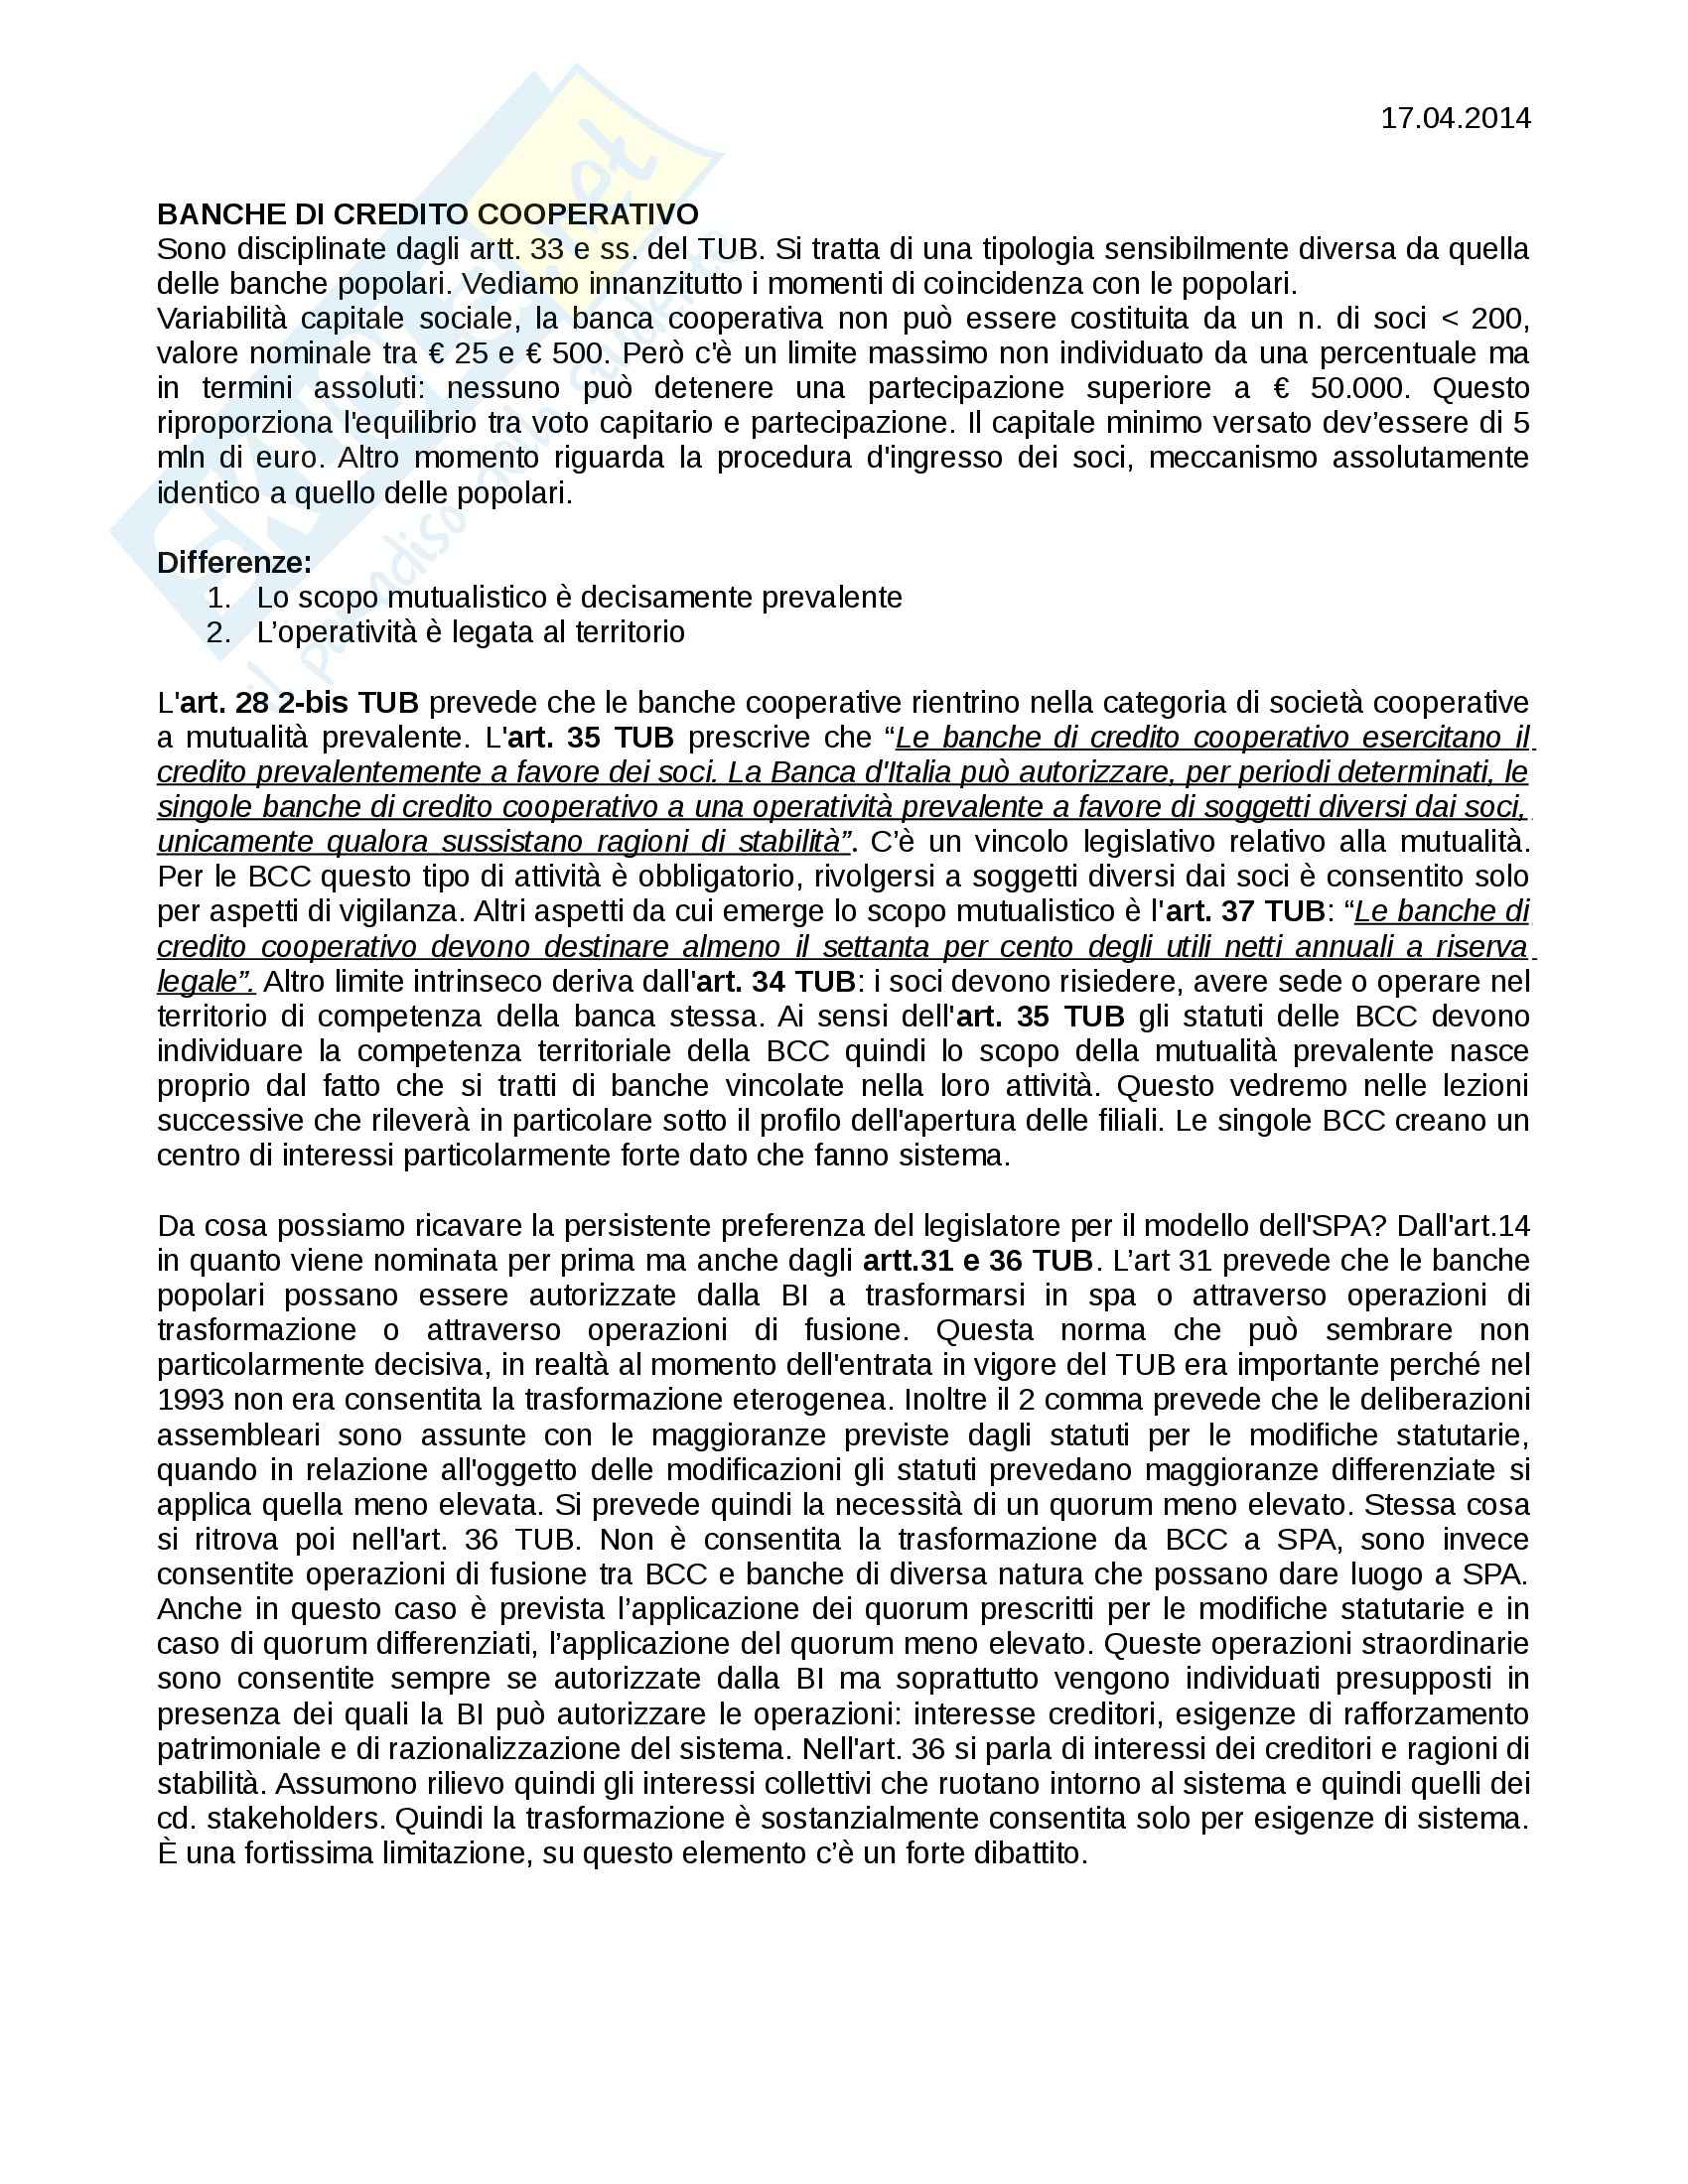 Diritto bancario - Banche di Credito Cooperativo e Gruppo Bancario